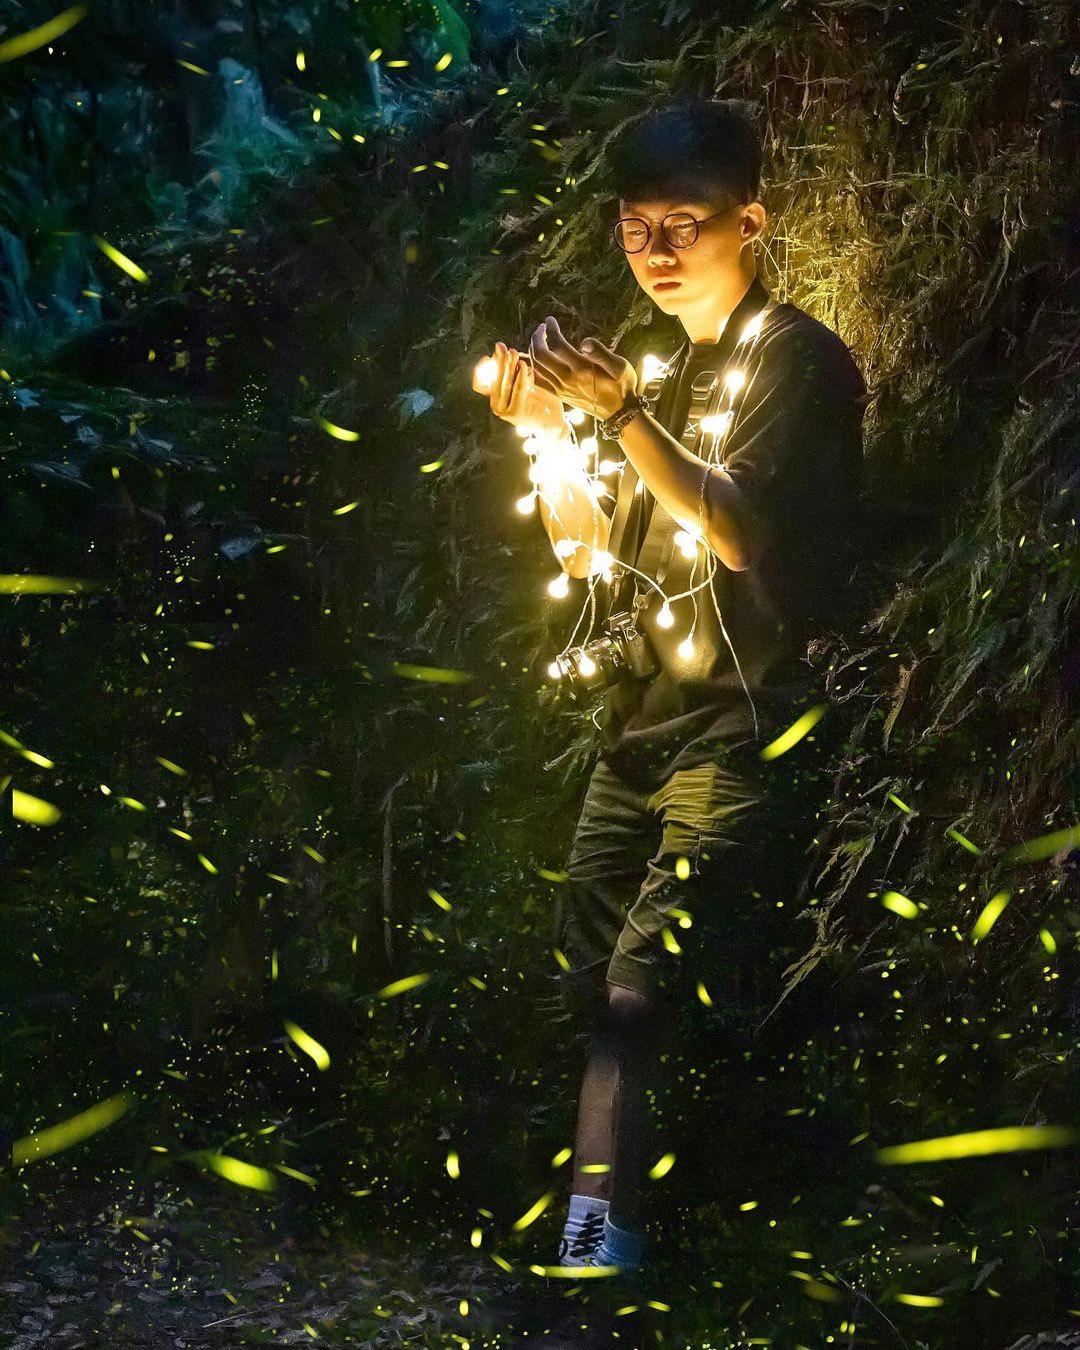 賞螢景點推薦 東窩溪螢火蟲生態區